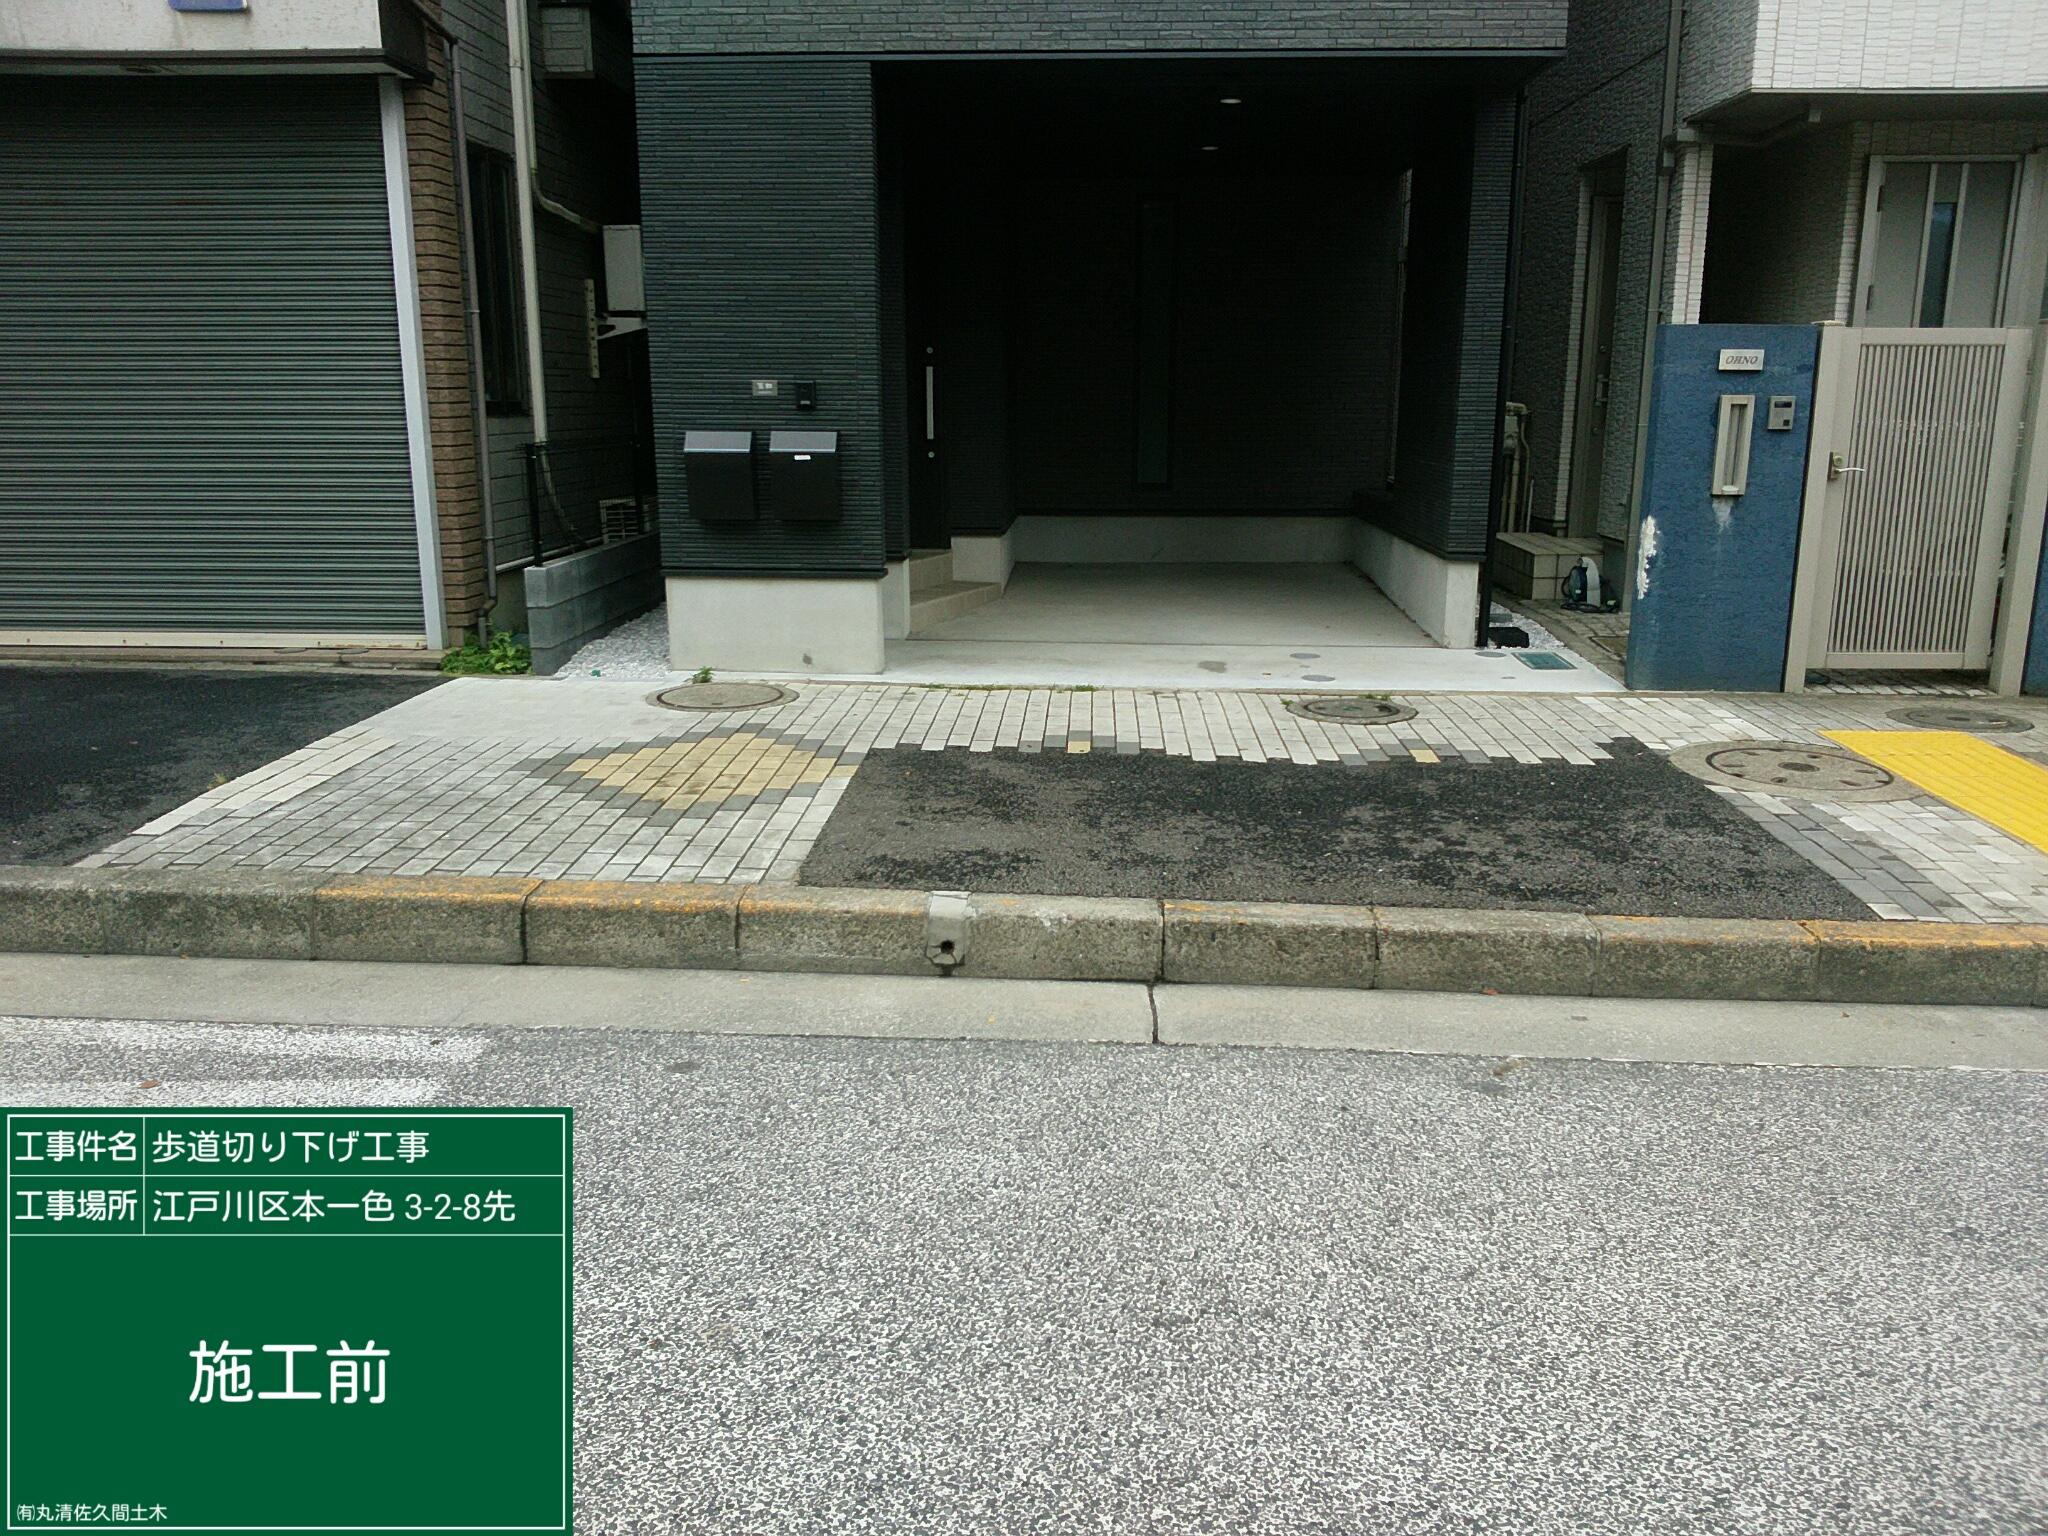 江戸川区内 切り下げ工事